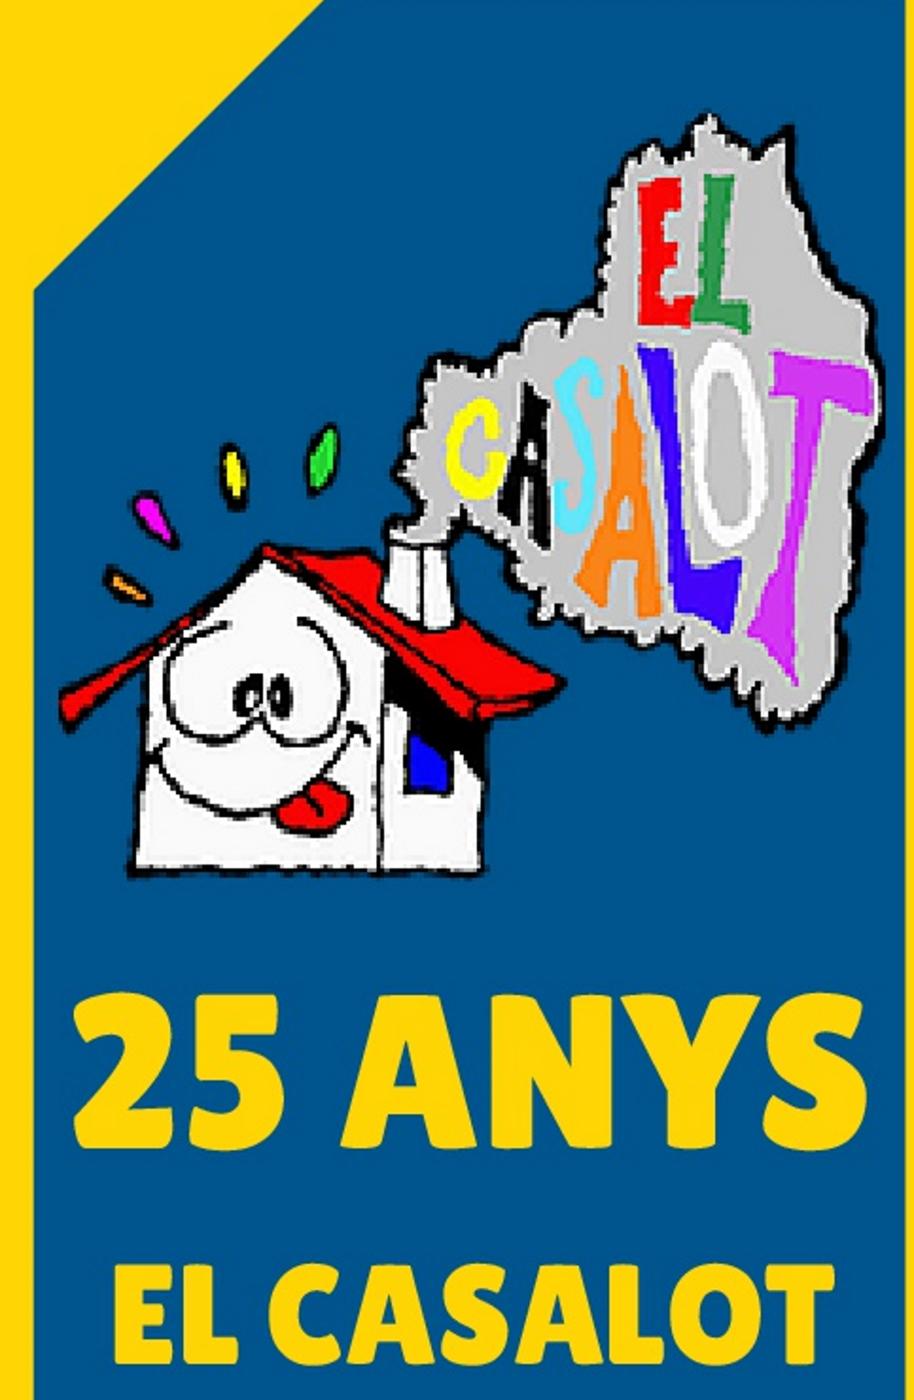 00casalot25